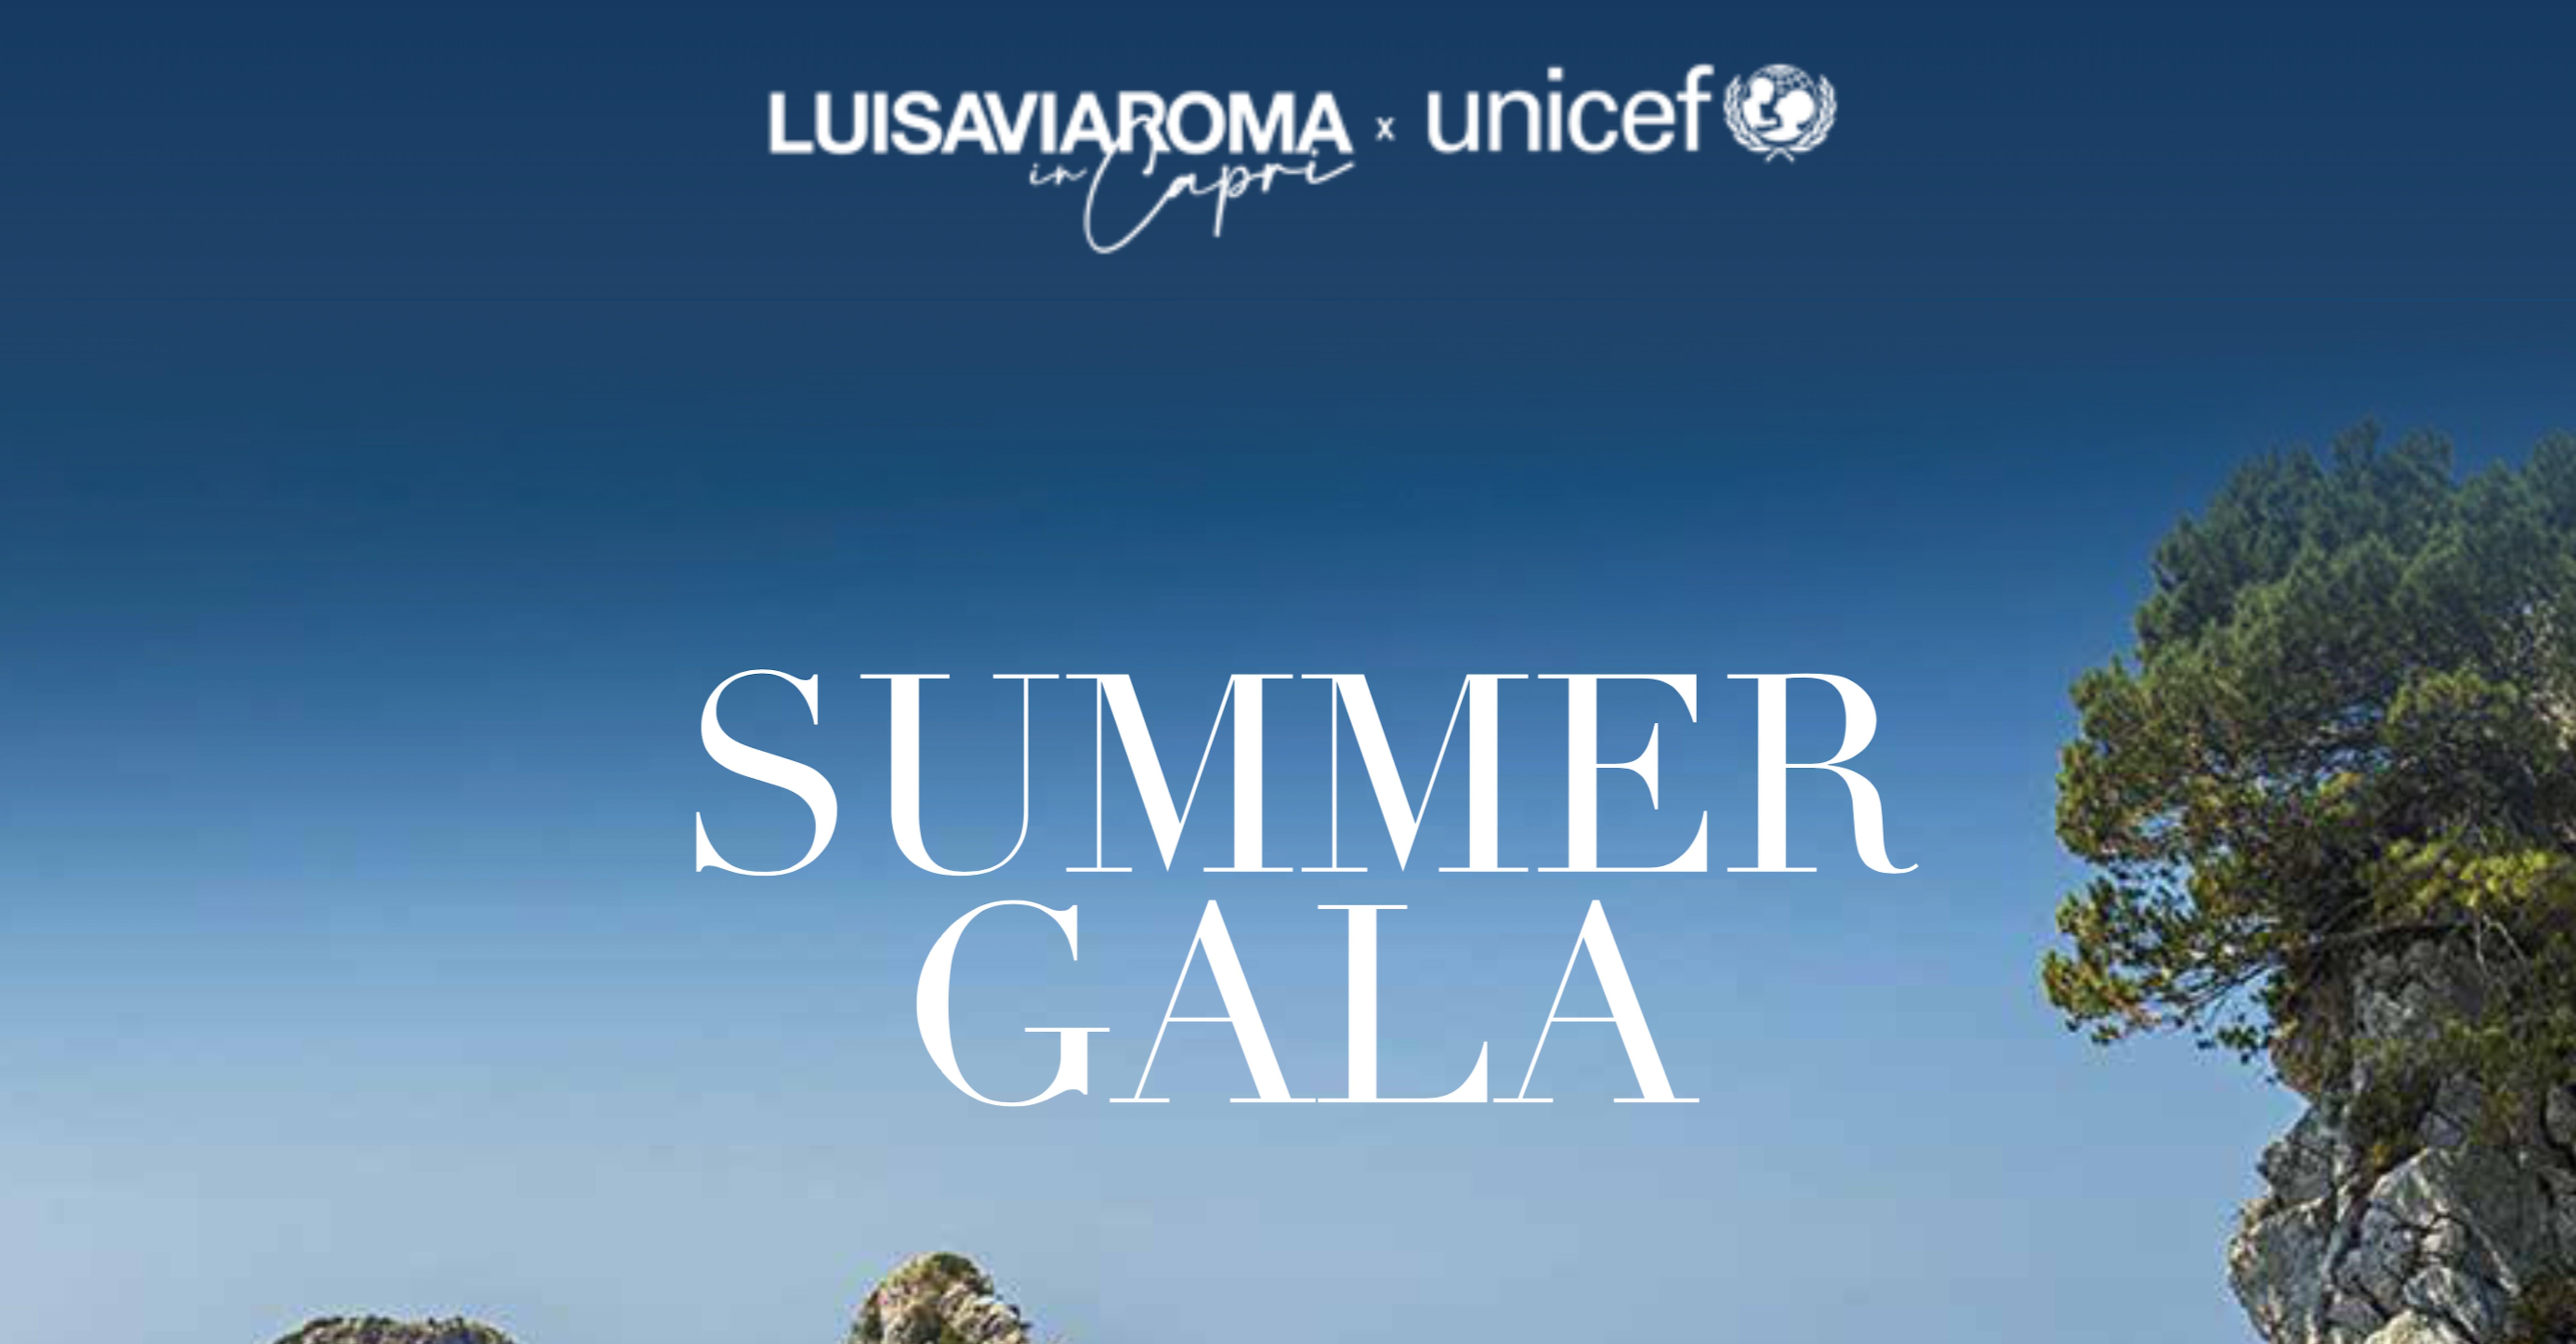 Gala Capri 2021 - LuisaViaRoma per UNICEF